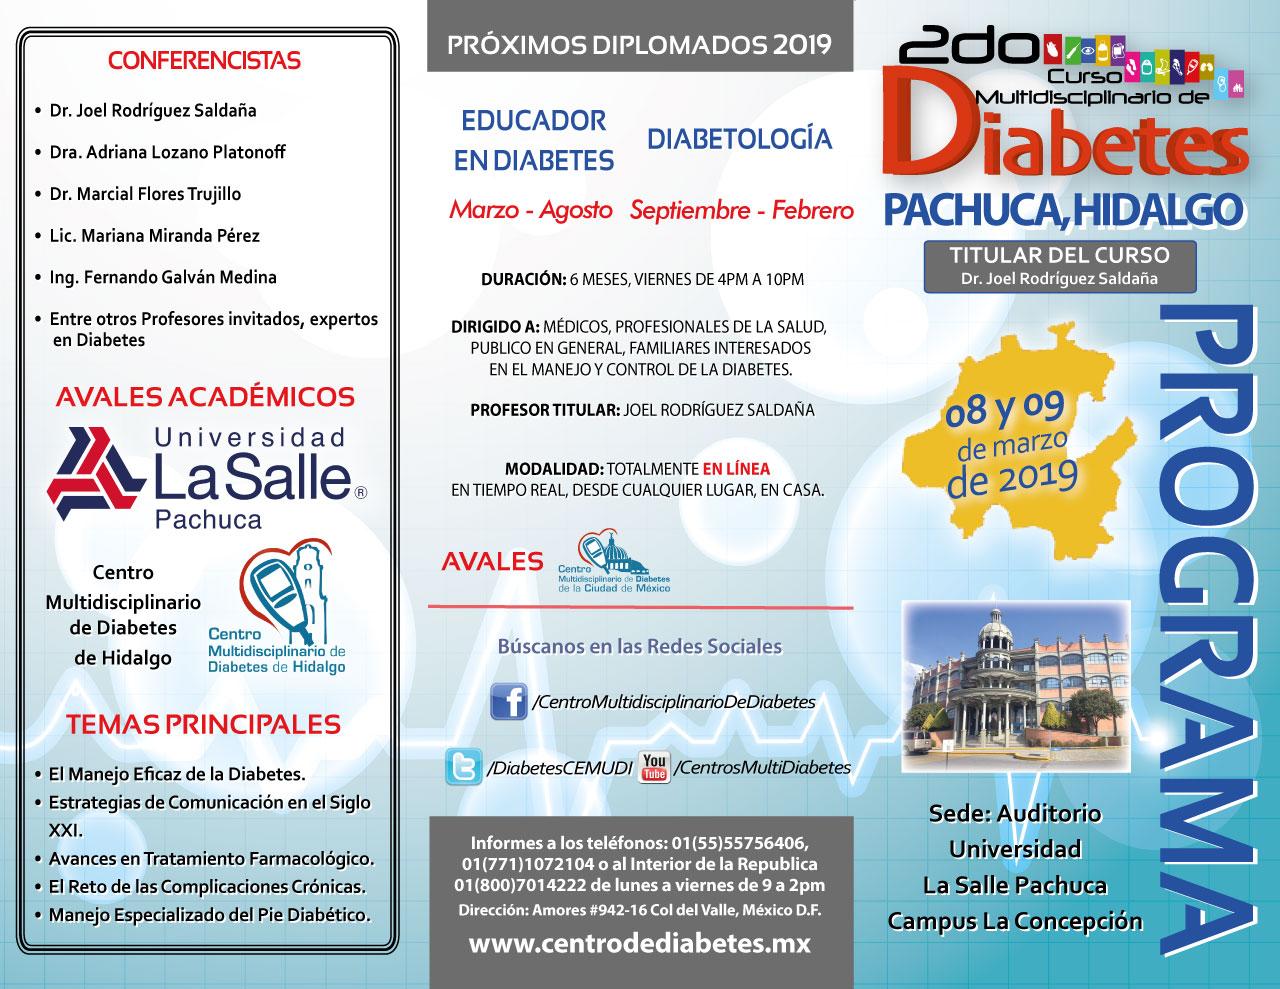 Curso Multidisciplinario De Diabetes De Pachuca Hidalgo Centro